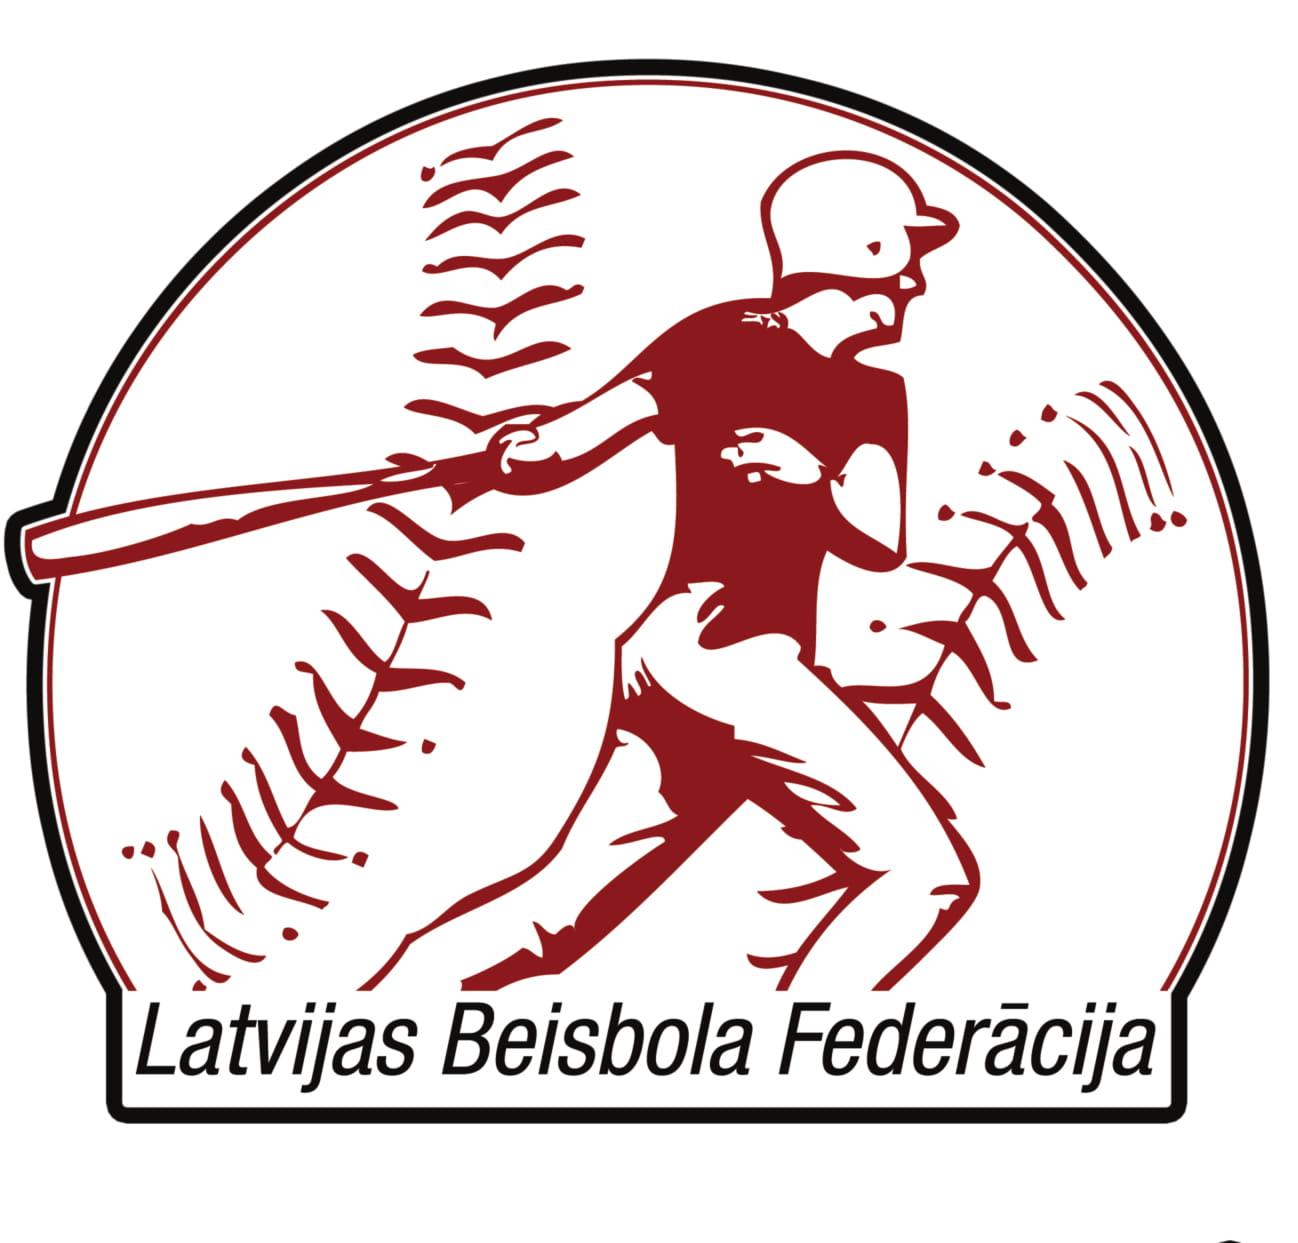 Beisbola federācija